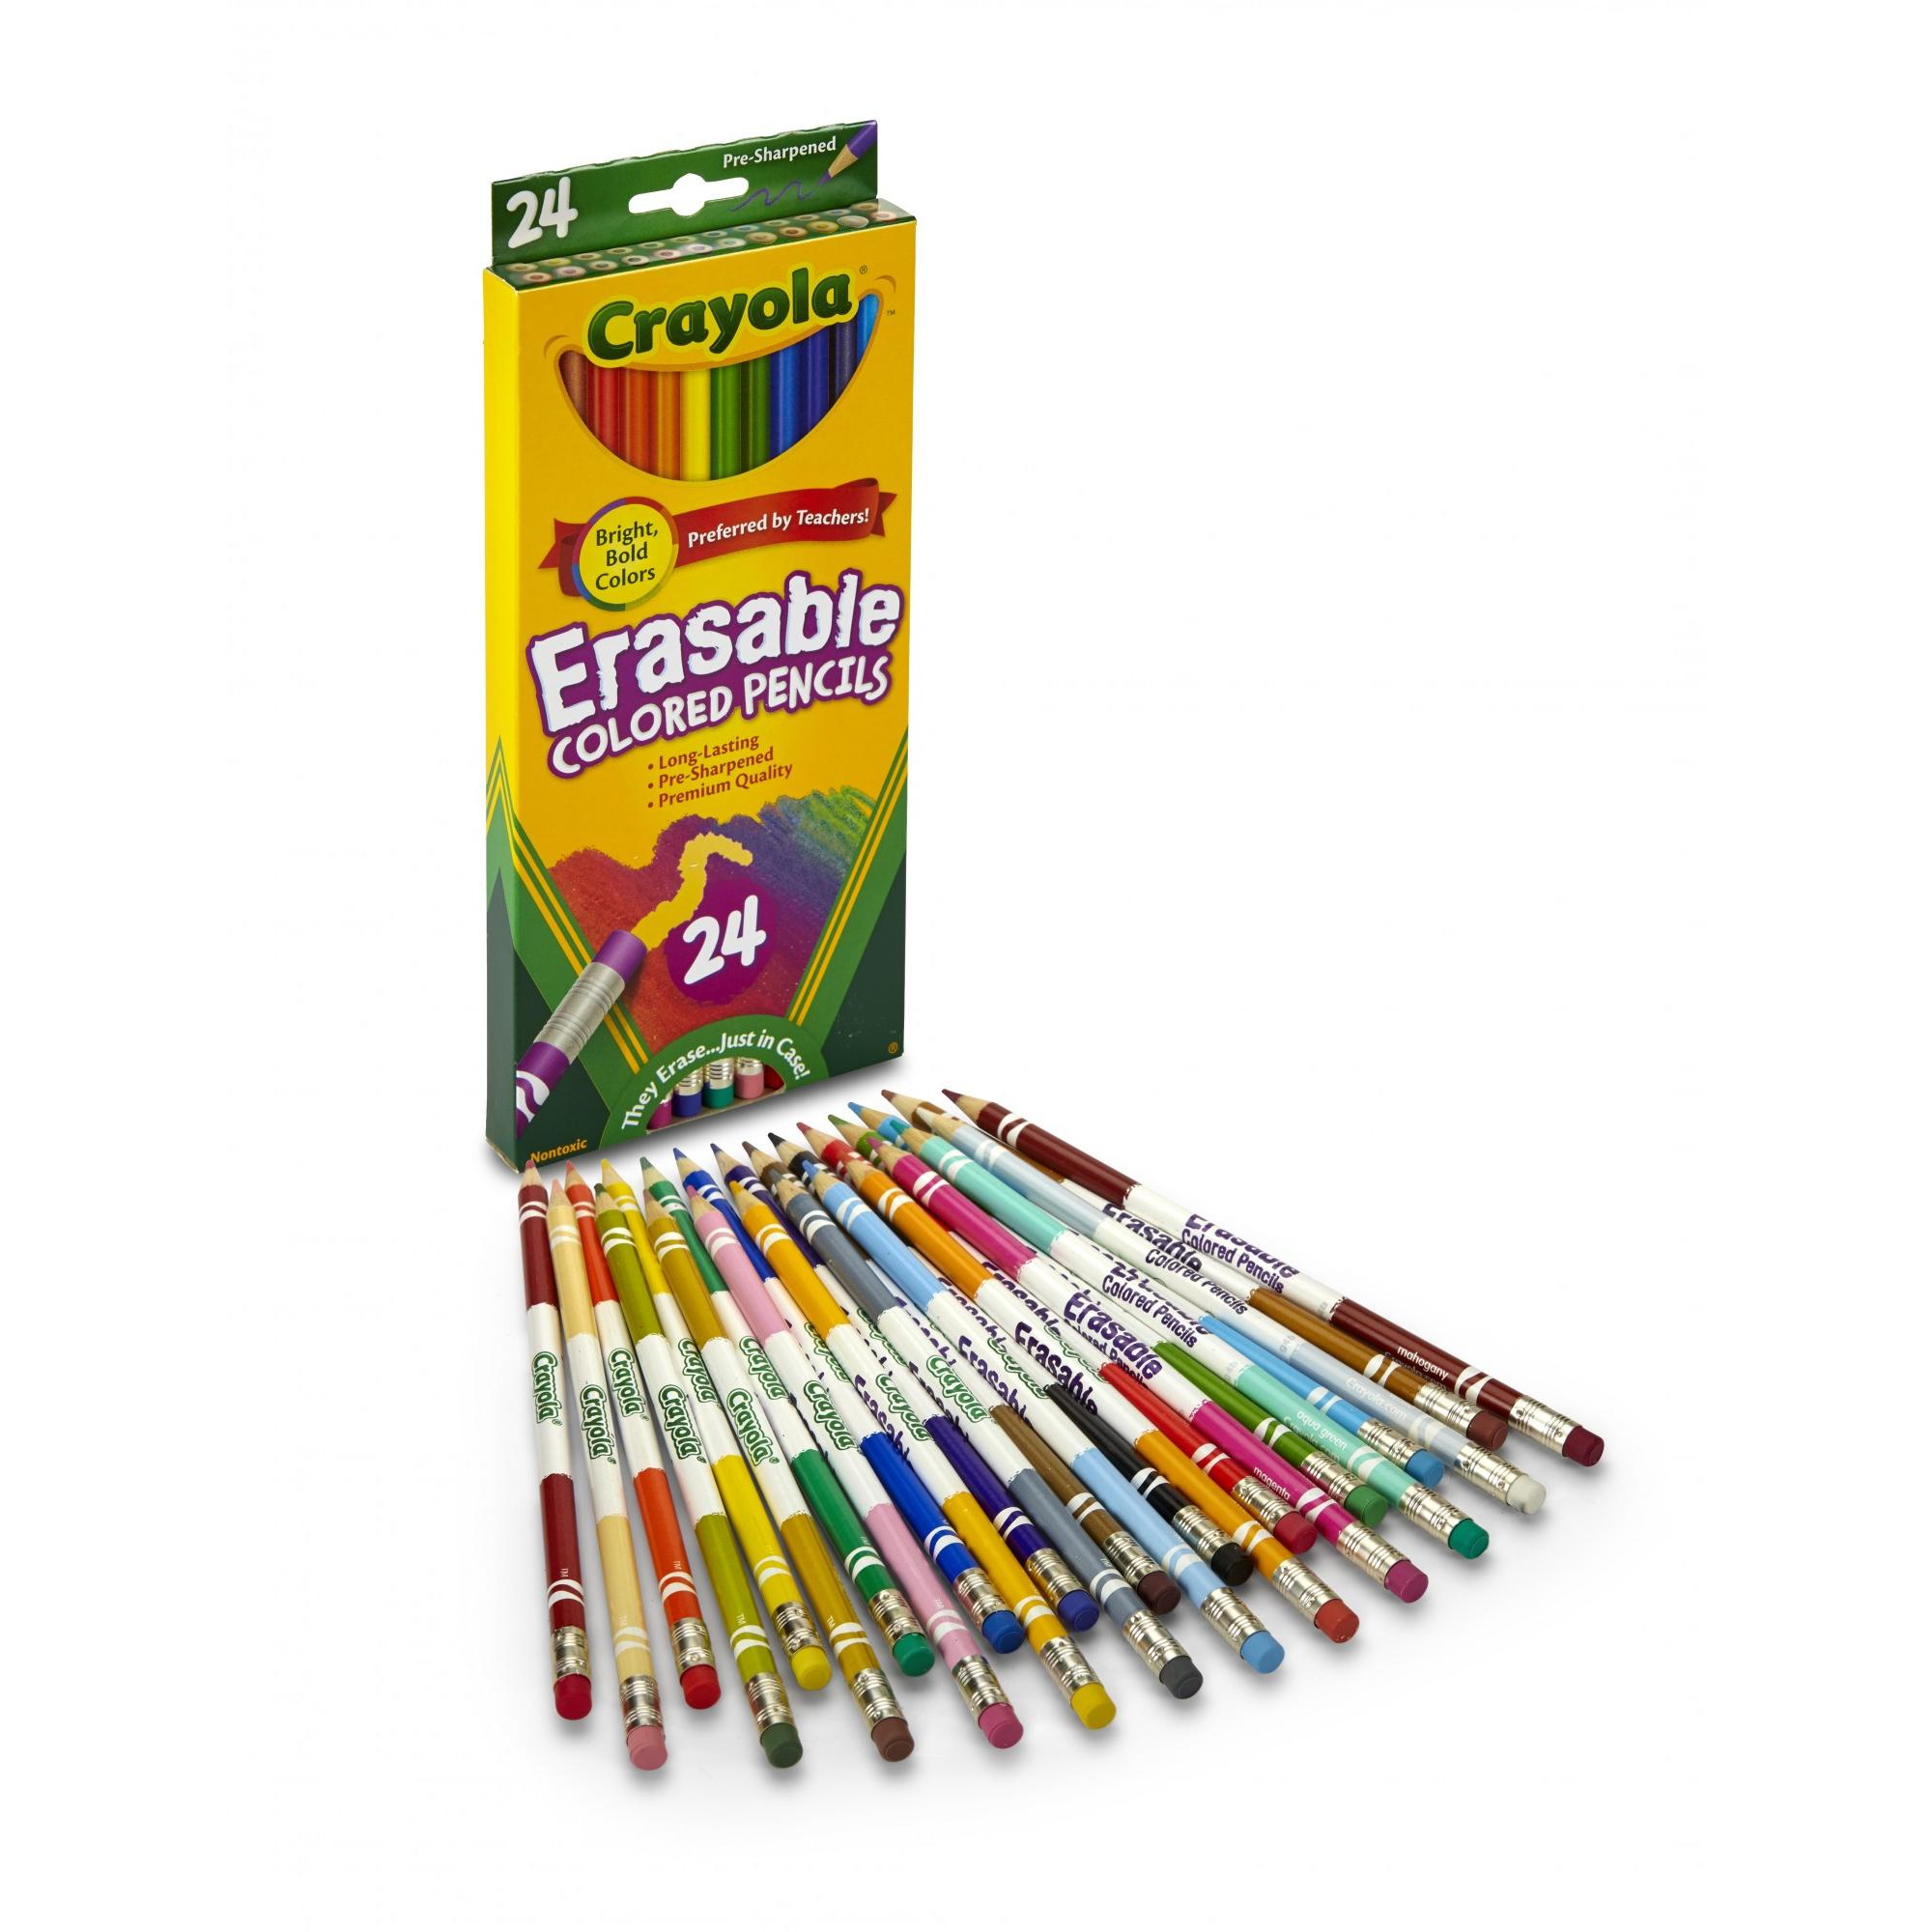 crayola eraseable colored pencils 24 count walmart com